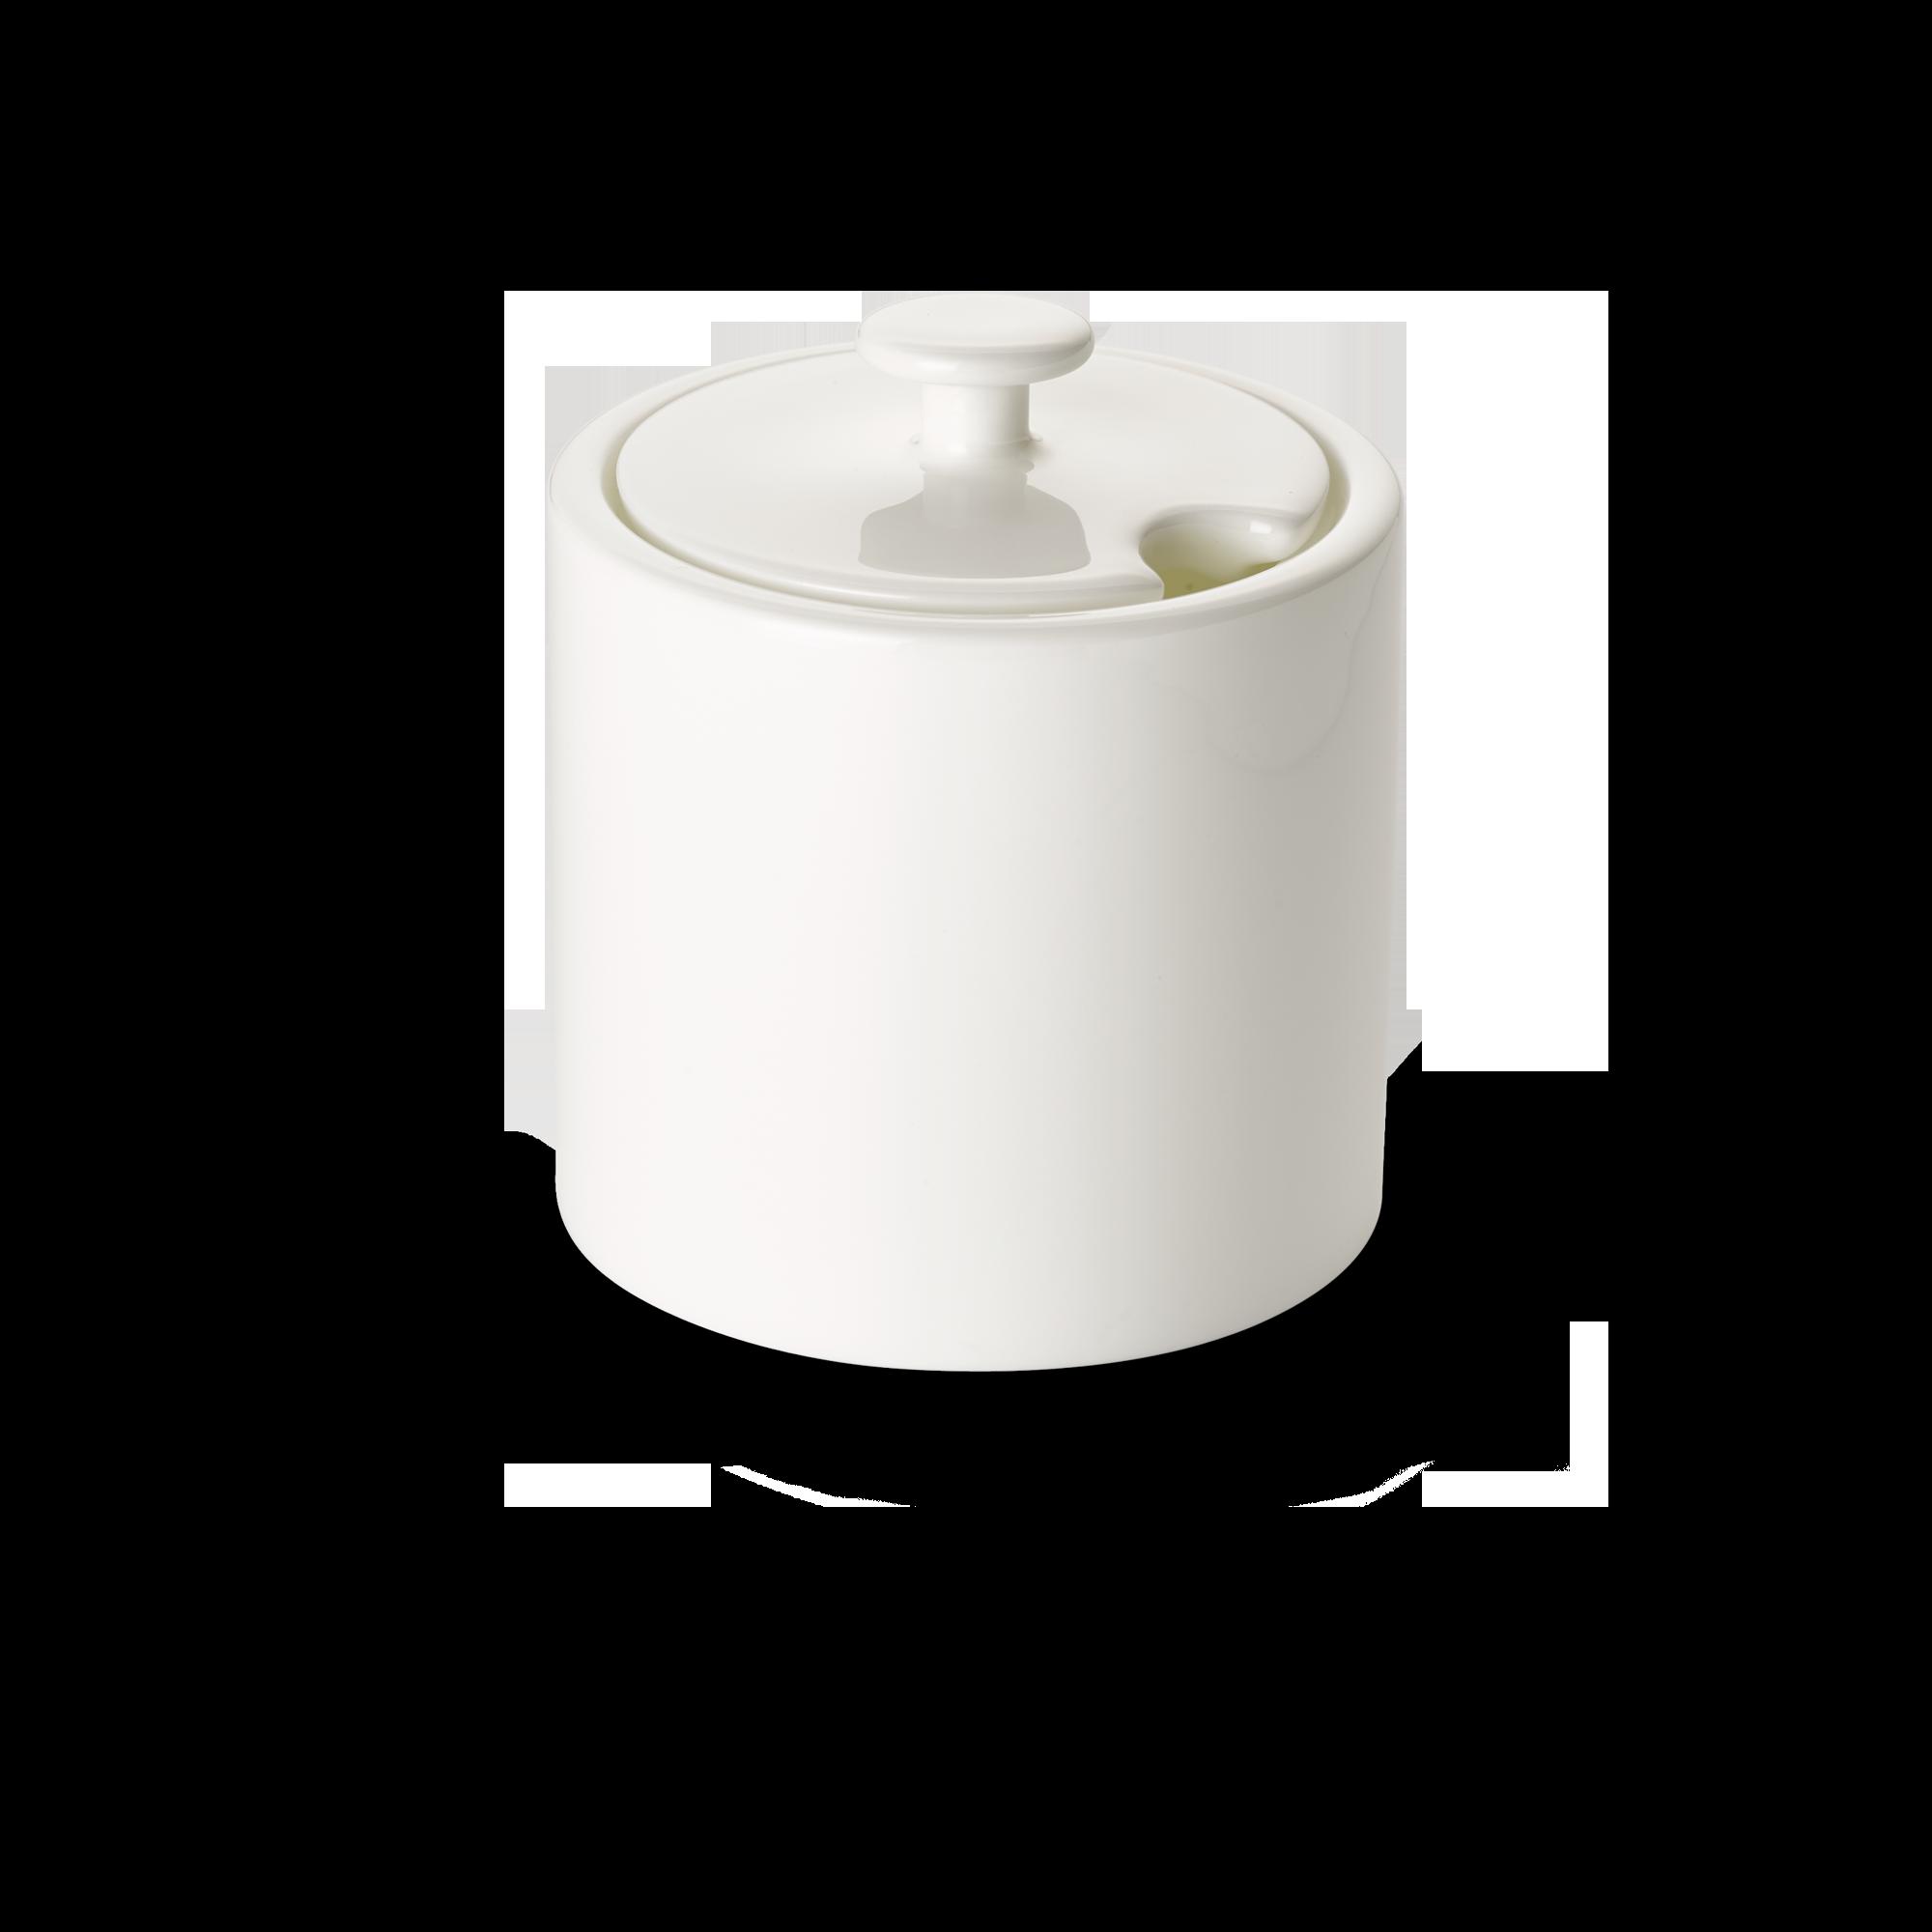 Deckel für Zuckerdose Zylindrisch 0,25 l Fine Bone China Konisch-Zylindrisch Weiss Dibbern